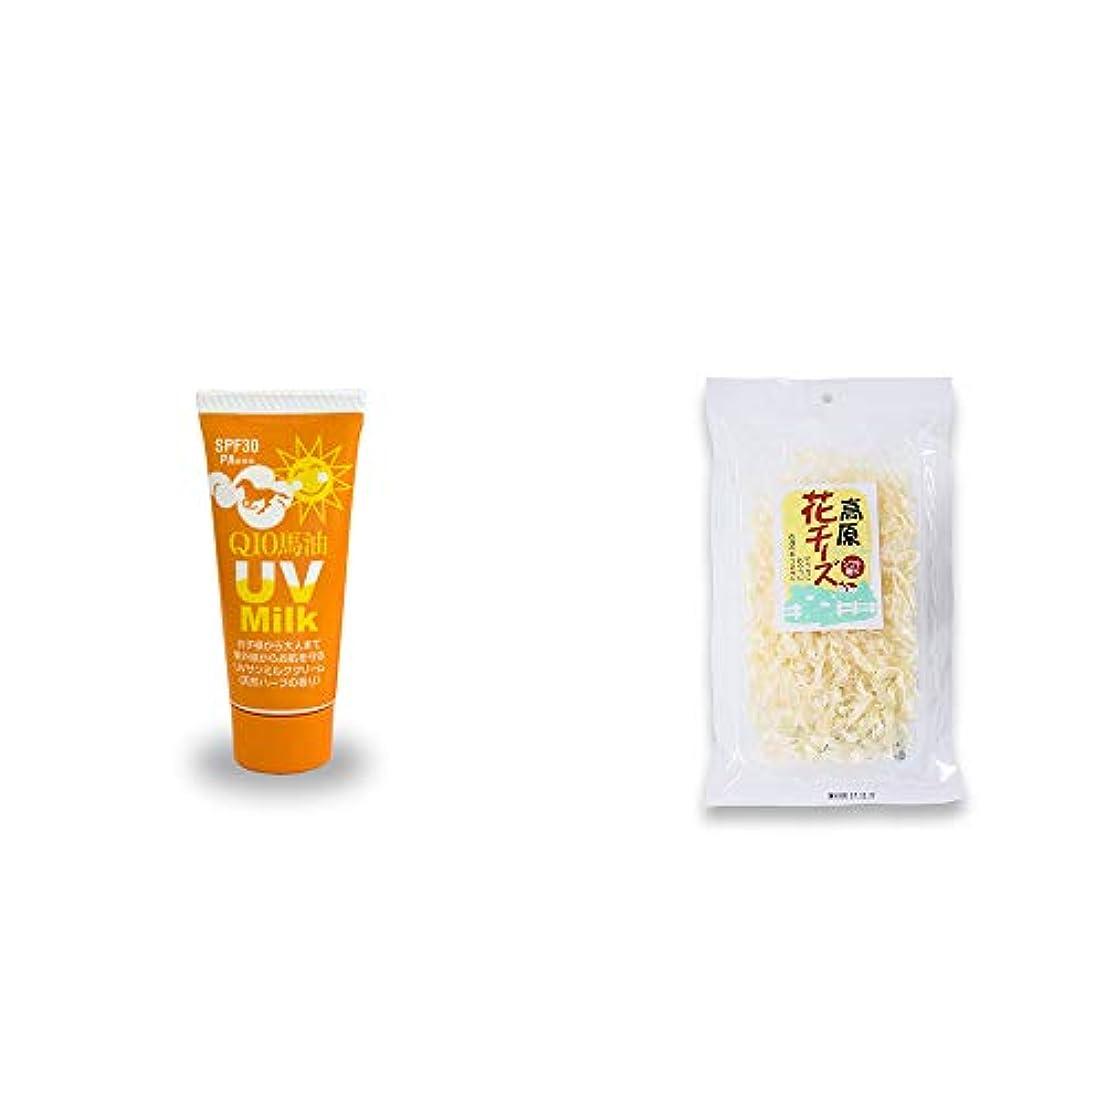 呼吸する少年風が強い[2点セット] 炭黒泉 Q10馬油 UVサンミルク[天然ハーブ](40g)?高原の花チーズ(56g)